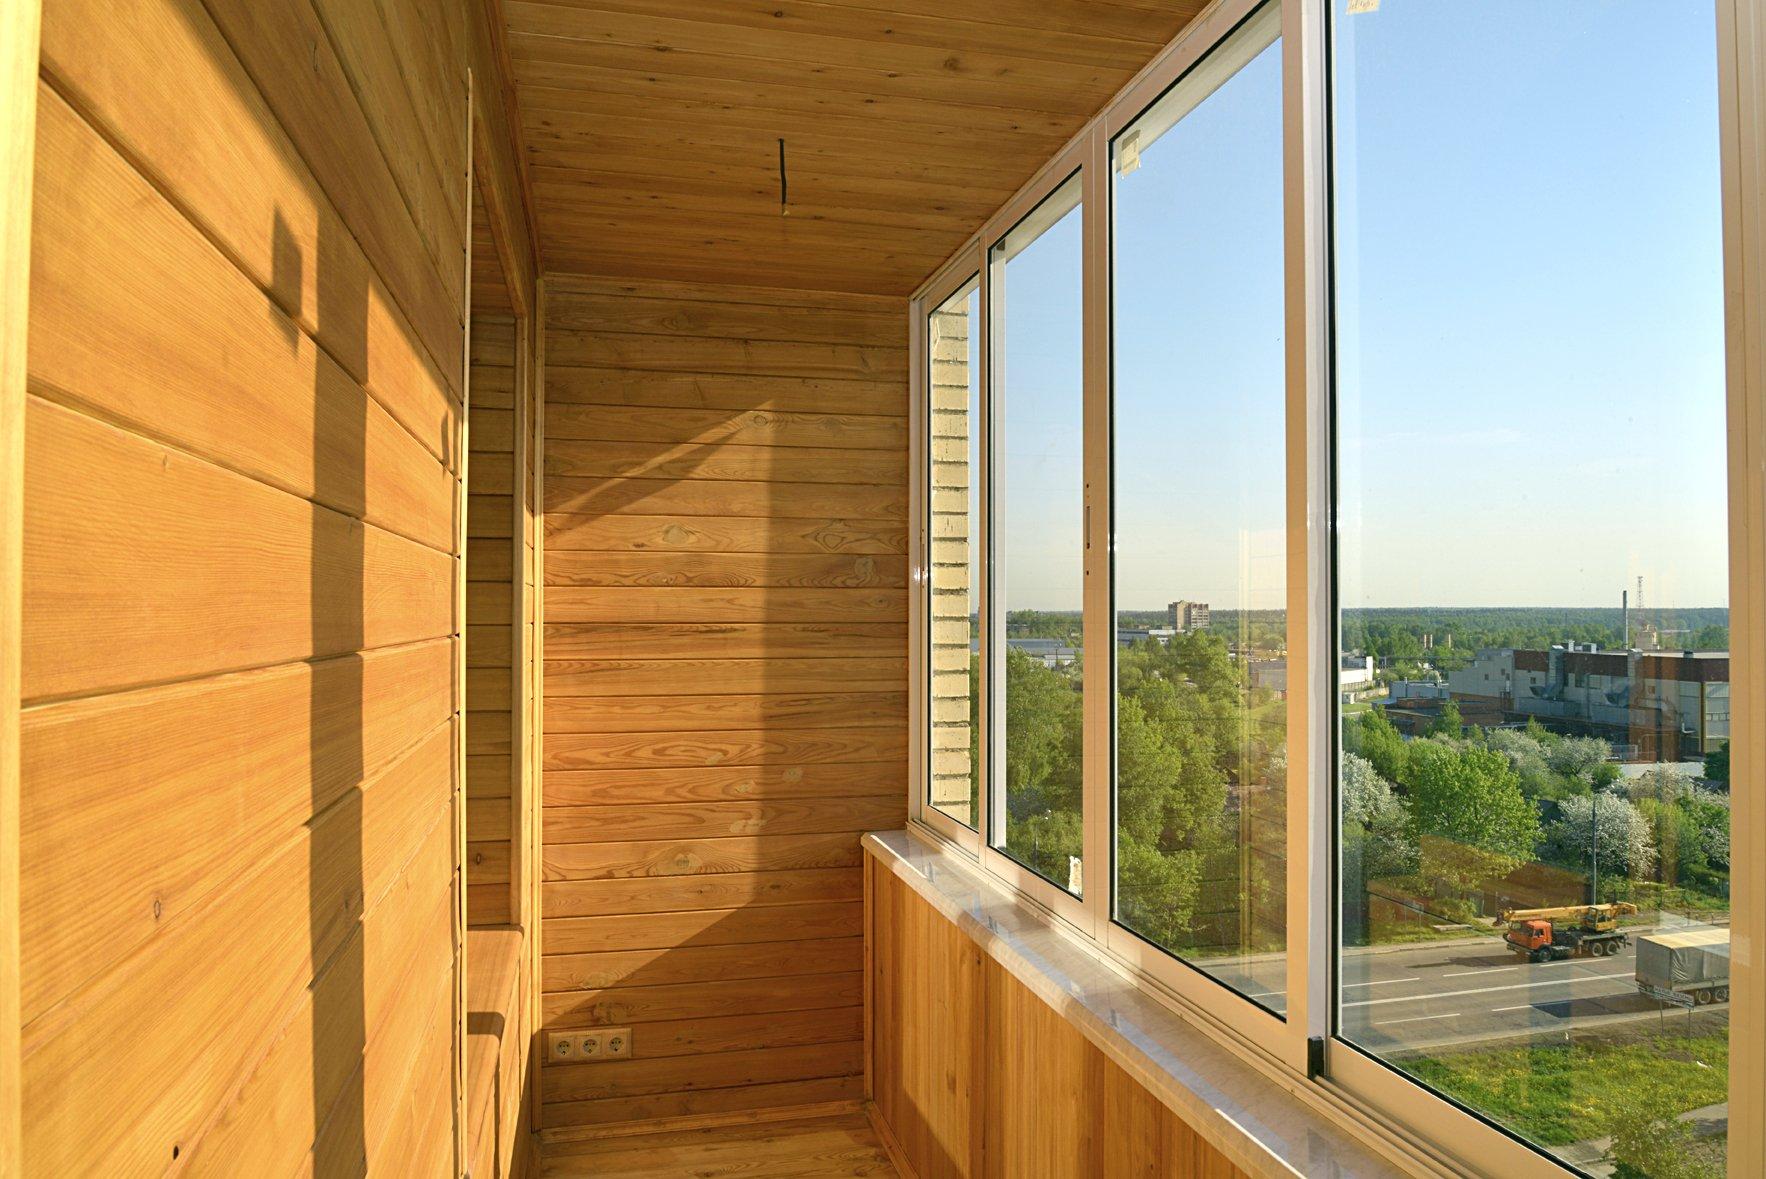 Панели из дерева, как облицовочный материал уже давно зарекомендовал себя